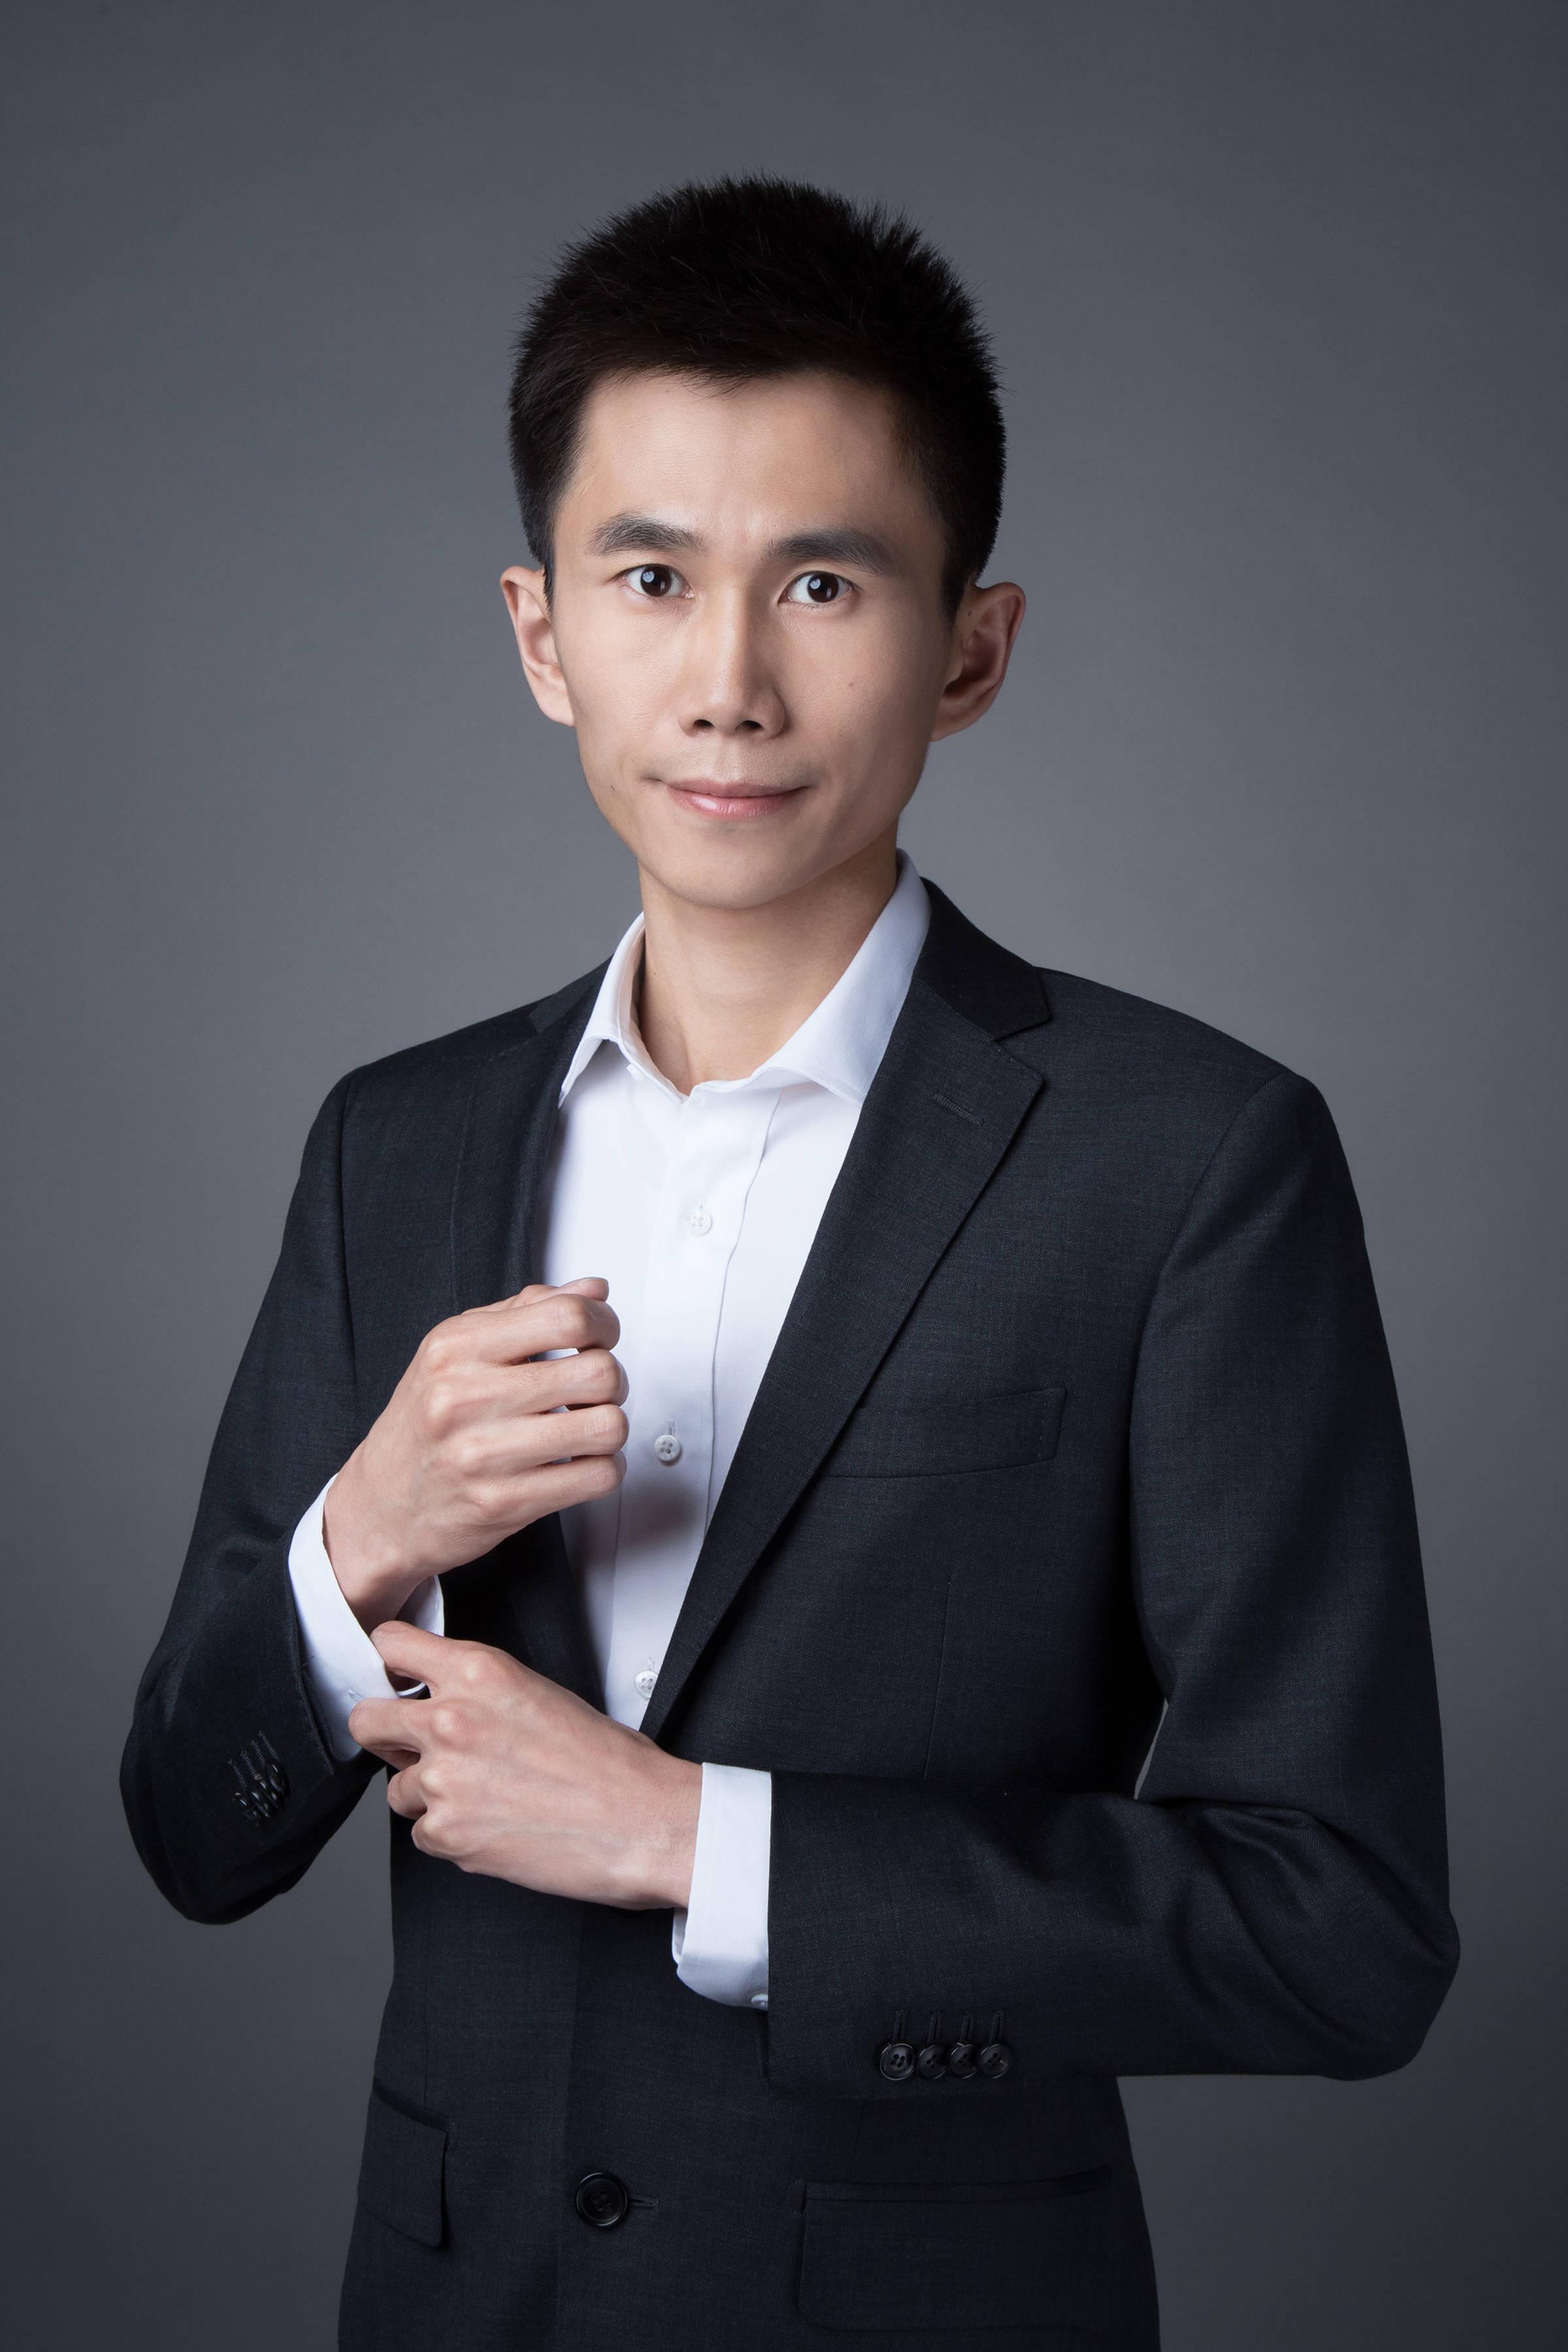 未来的企业 水滴公司创始人兼CEO沈鹏:数字化转型的核心目标是提升效率